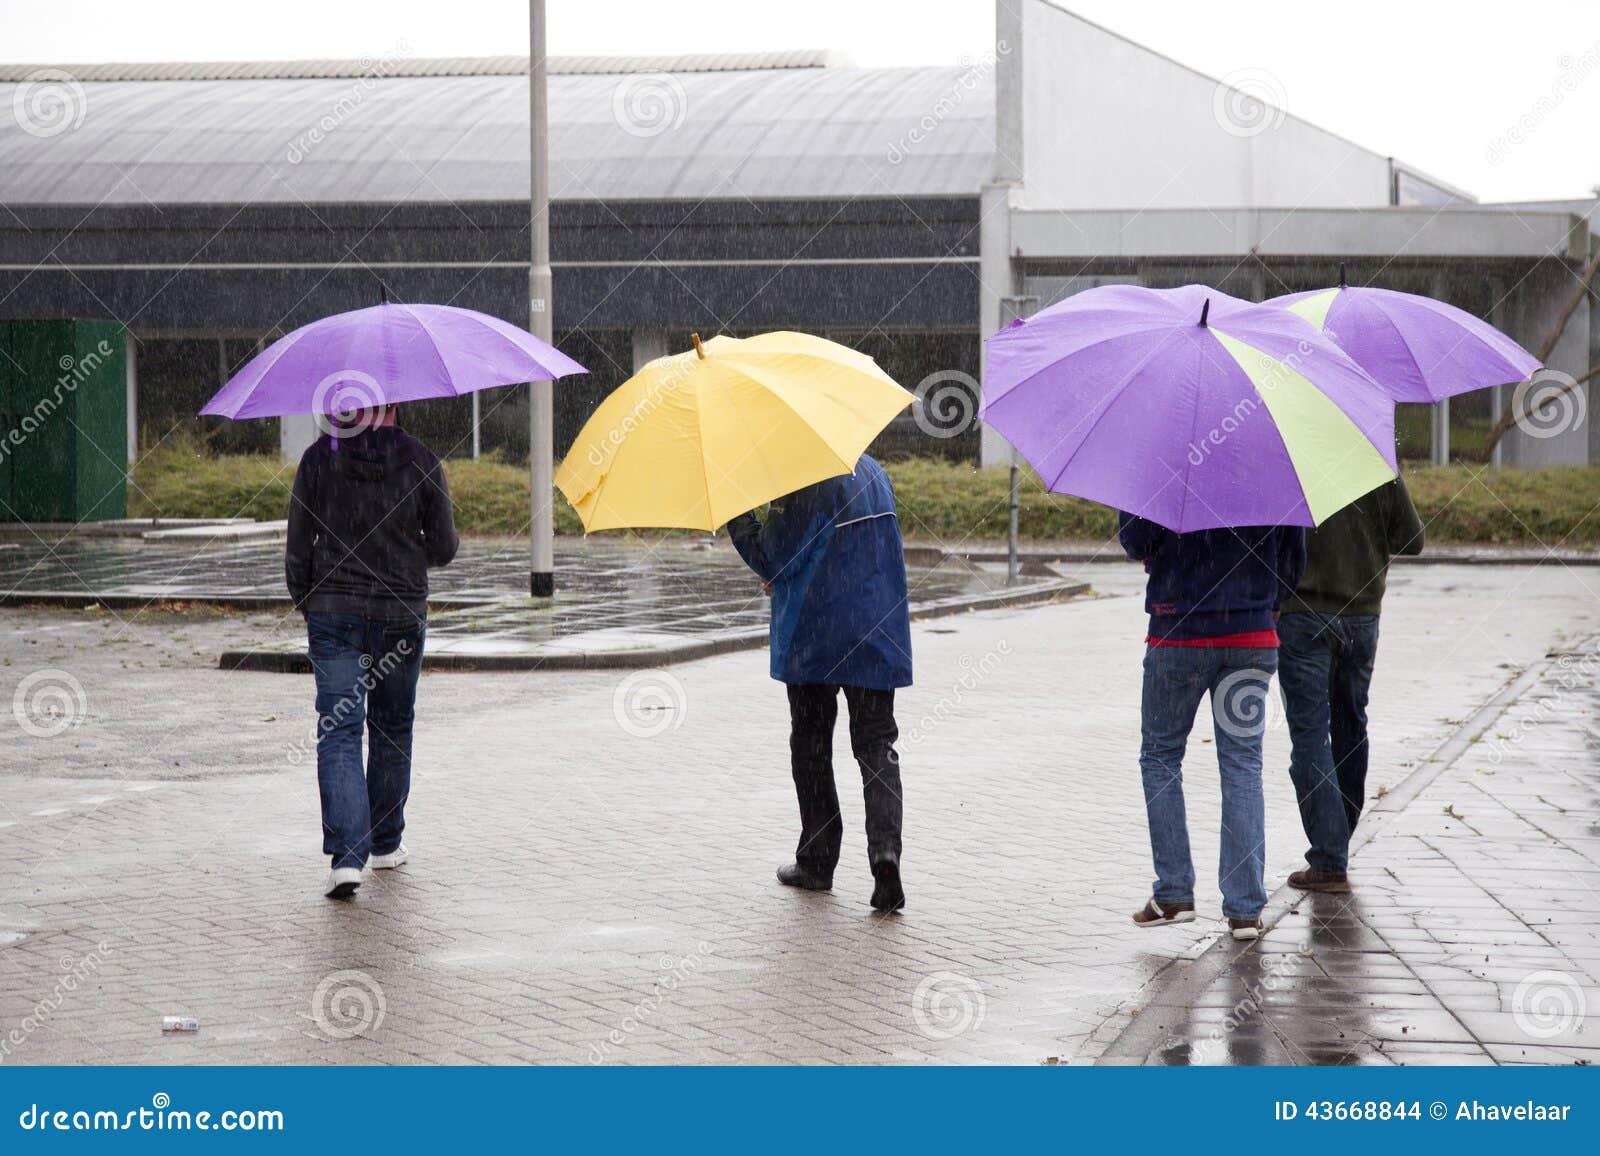 quatre personnes sous le parapluie color - Parapluie Color